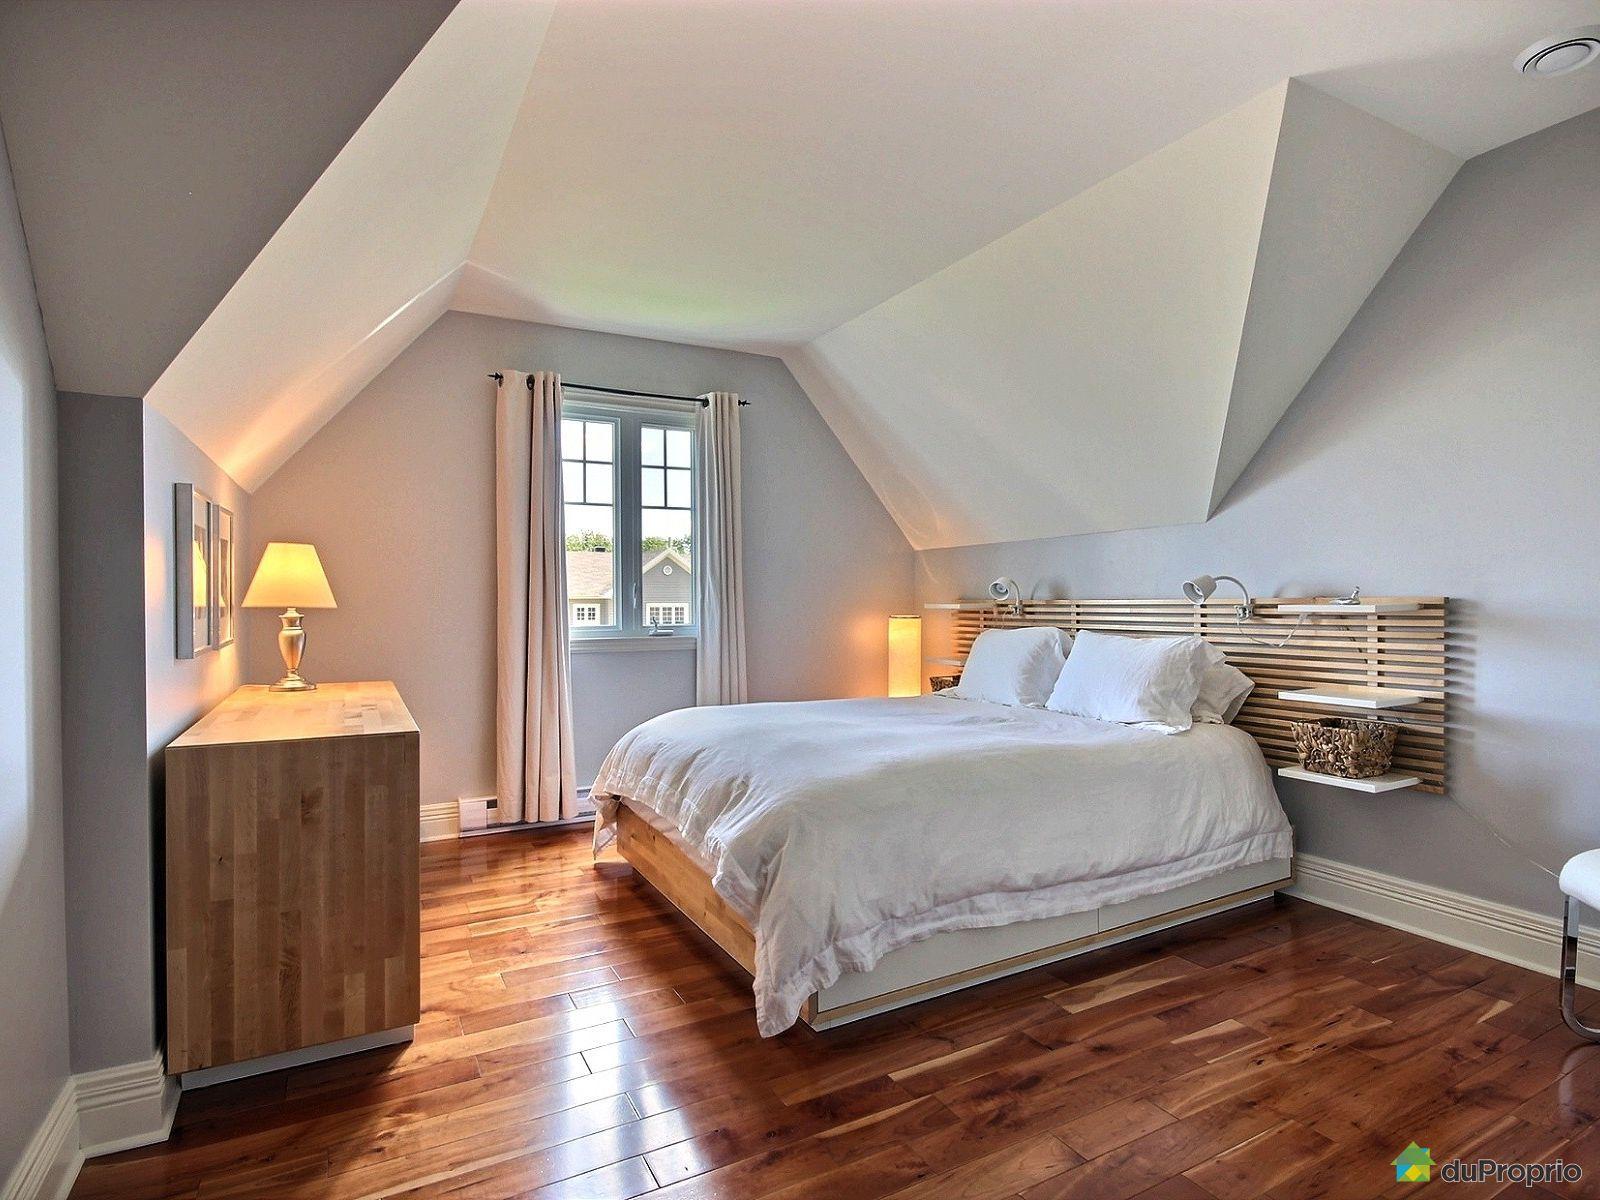 Maison vendre st nicolas 440 rue des sizerins for Chambre sans fenetre loi quebec